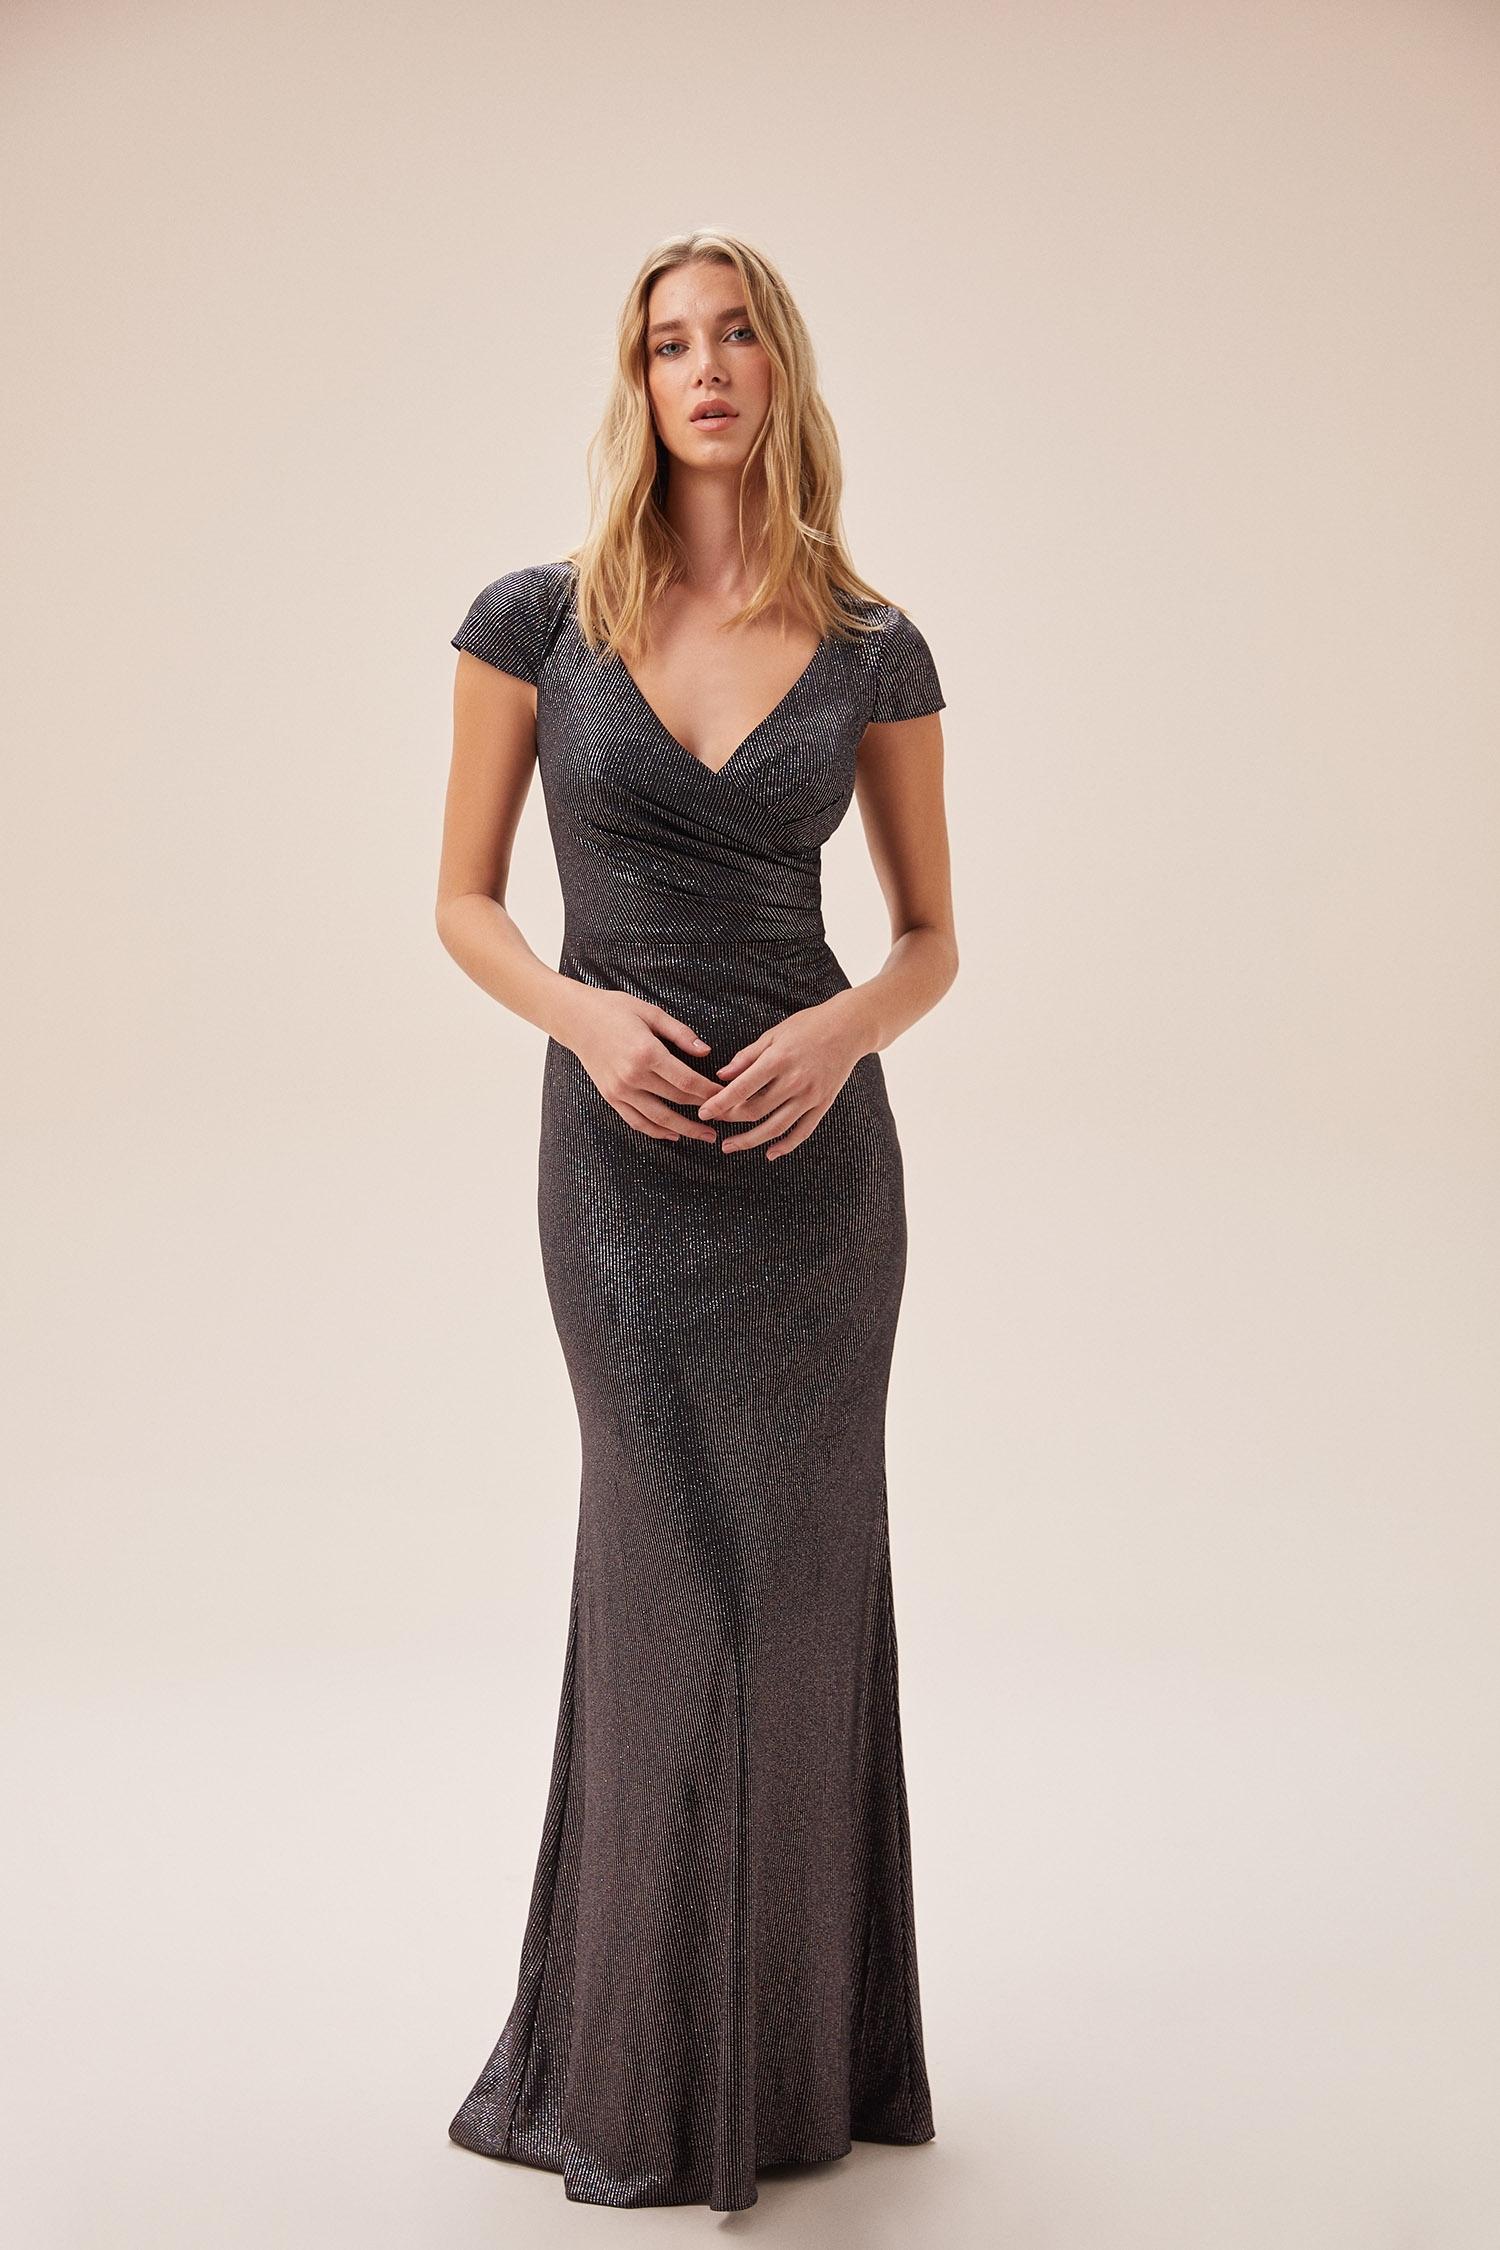 Metalik Siyah Kruvaze Yaka Kap Kol Uzun Abiye Elbise - Thumbnail